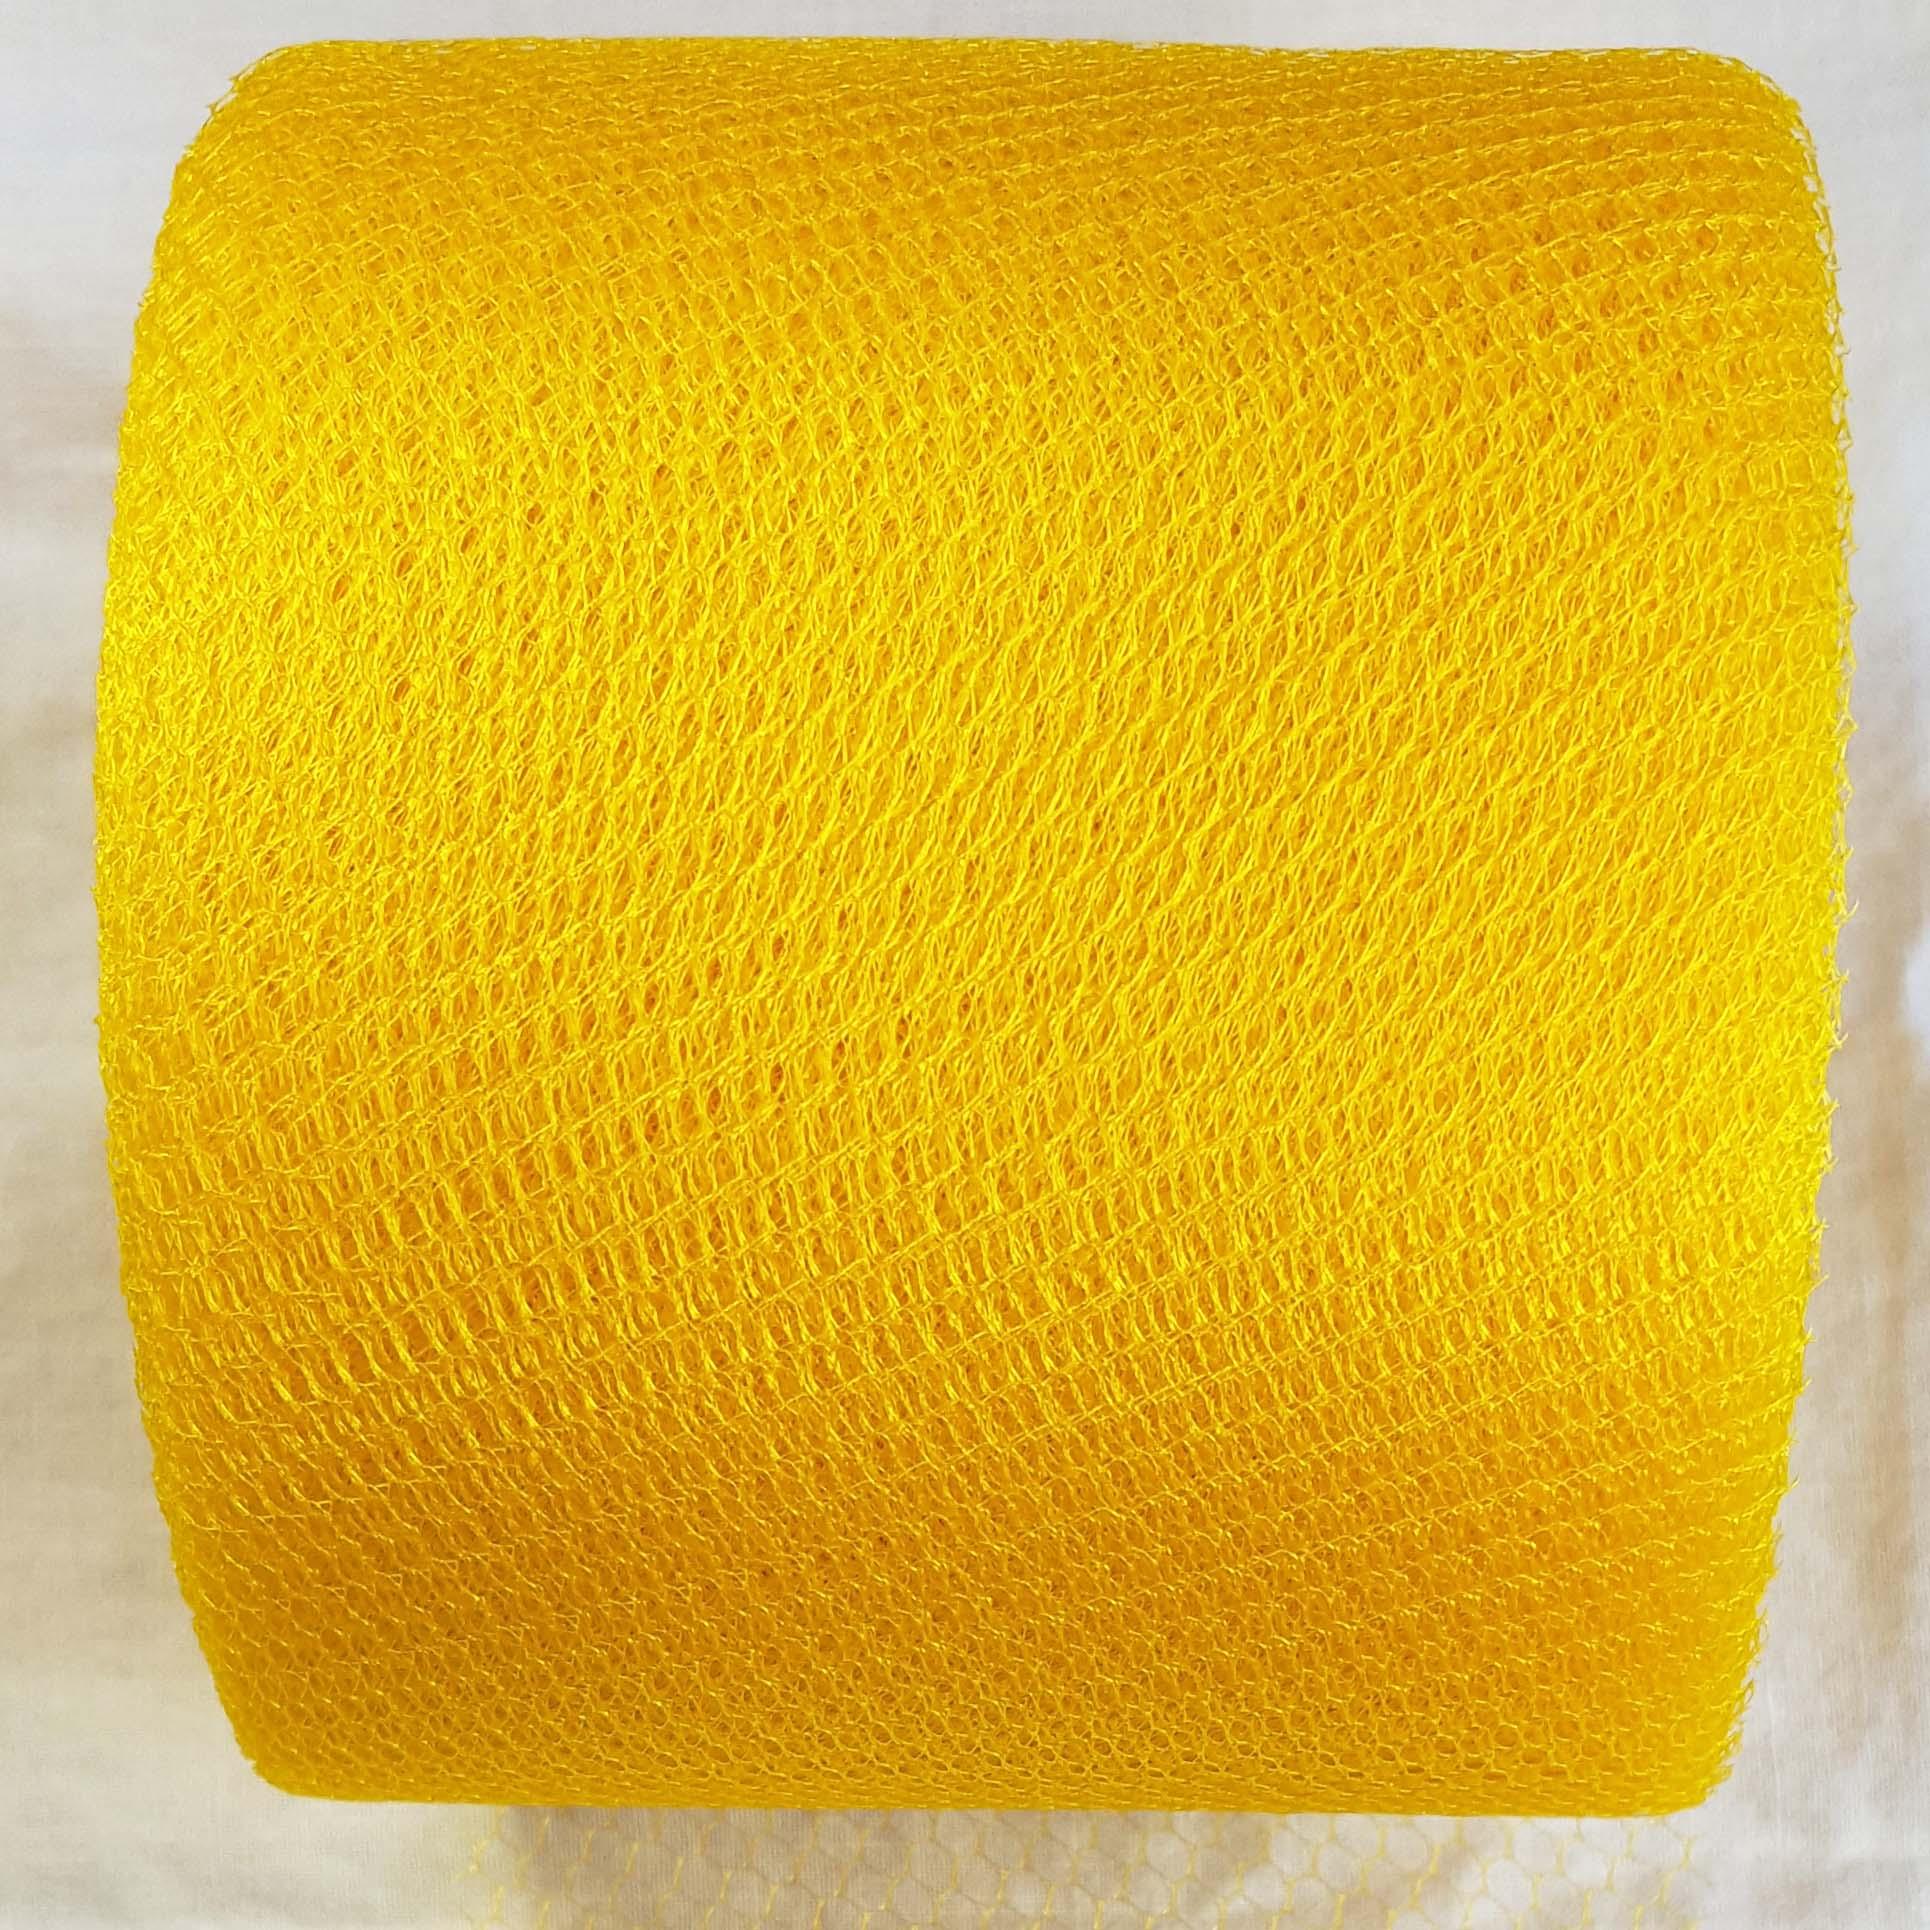 golden yellow netting